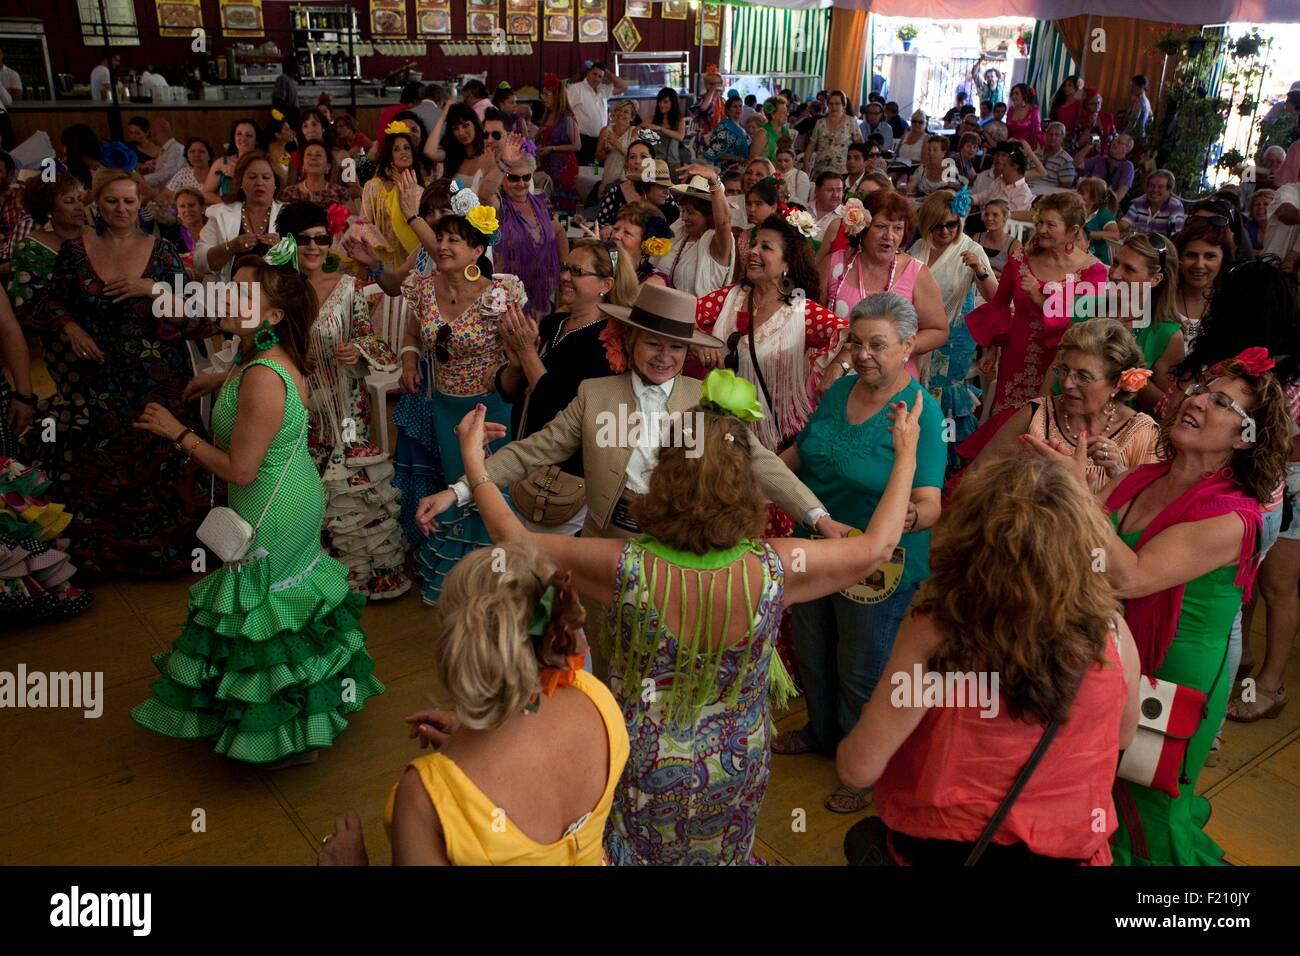 Spain andalusia cordoba feria de cordoba cordoba fair for Feria de artesanias cordoba 2016